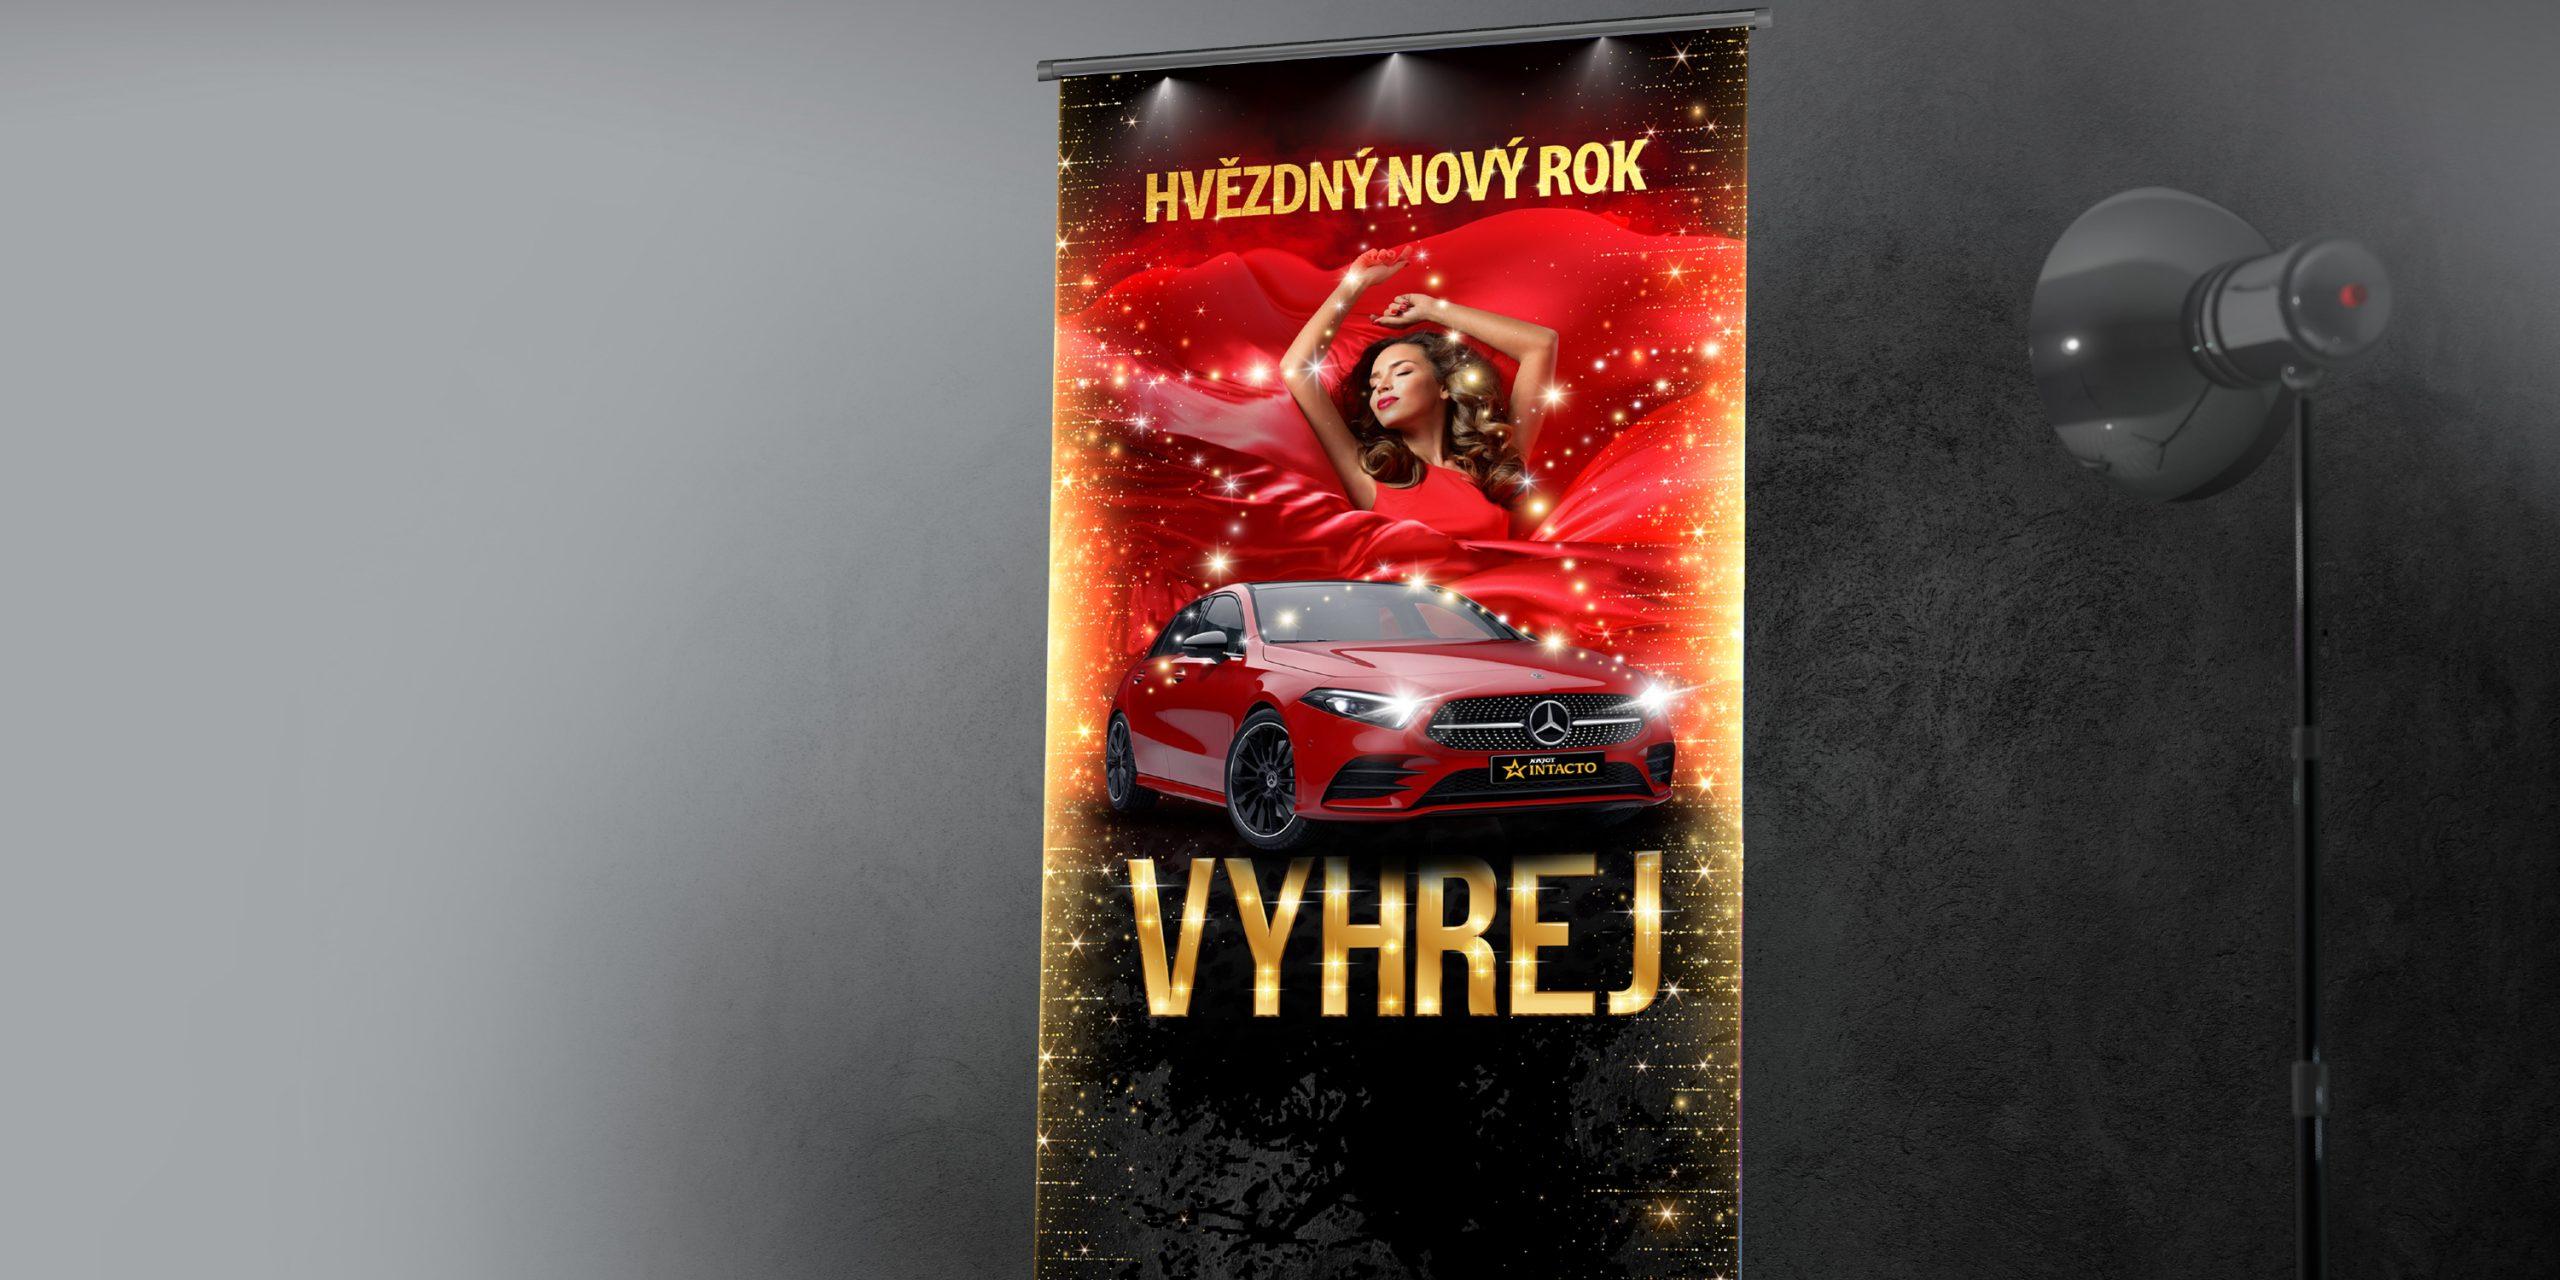 hvezdny_novy_rok_thumbnail